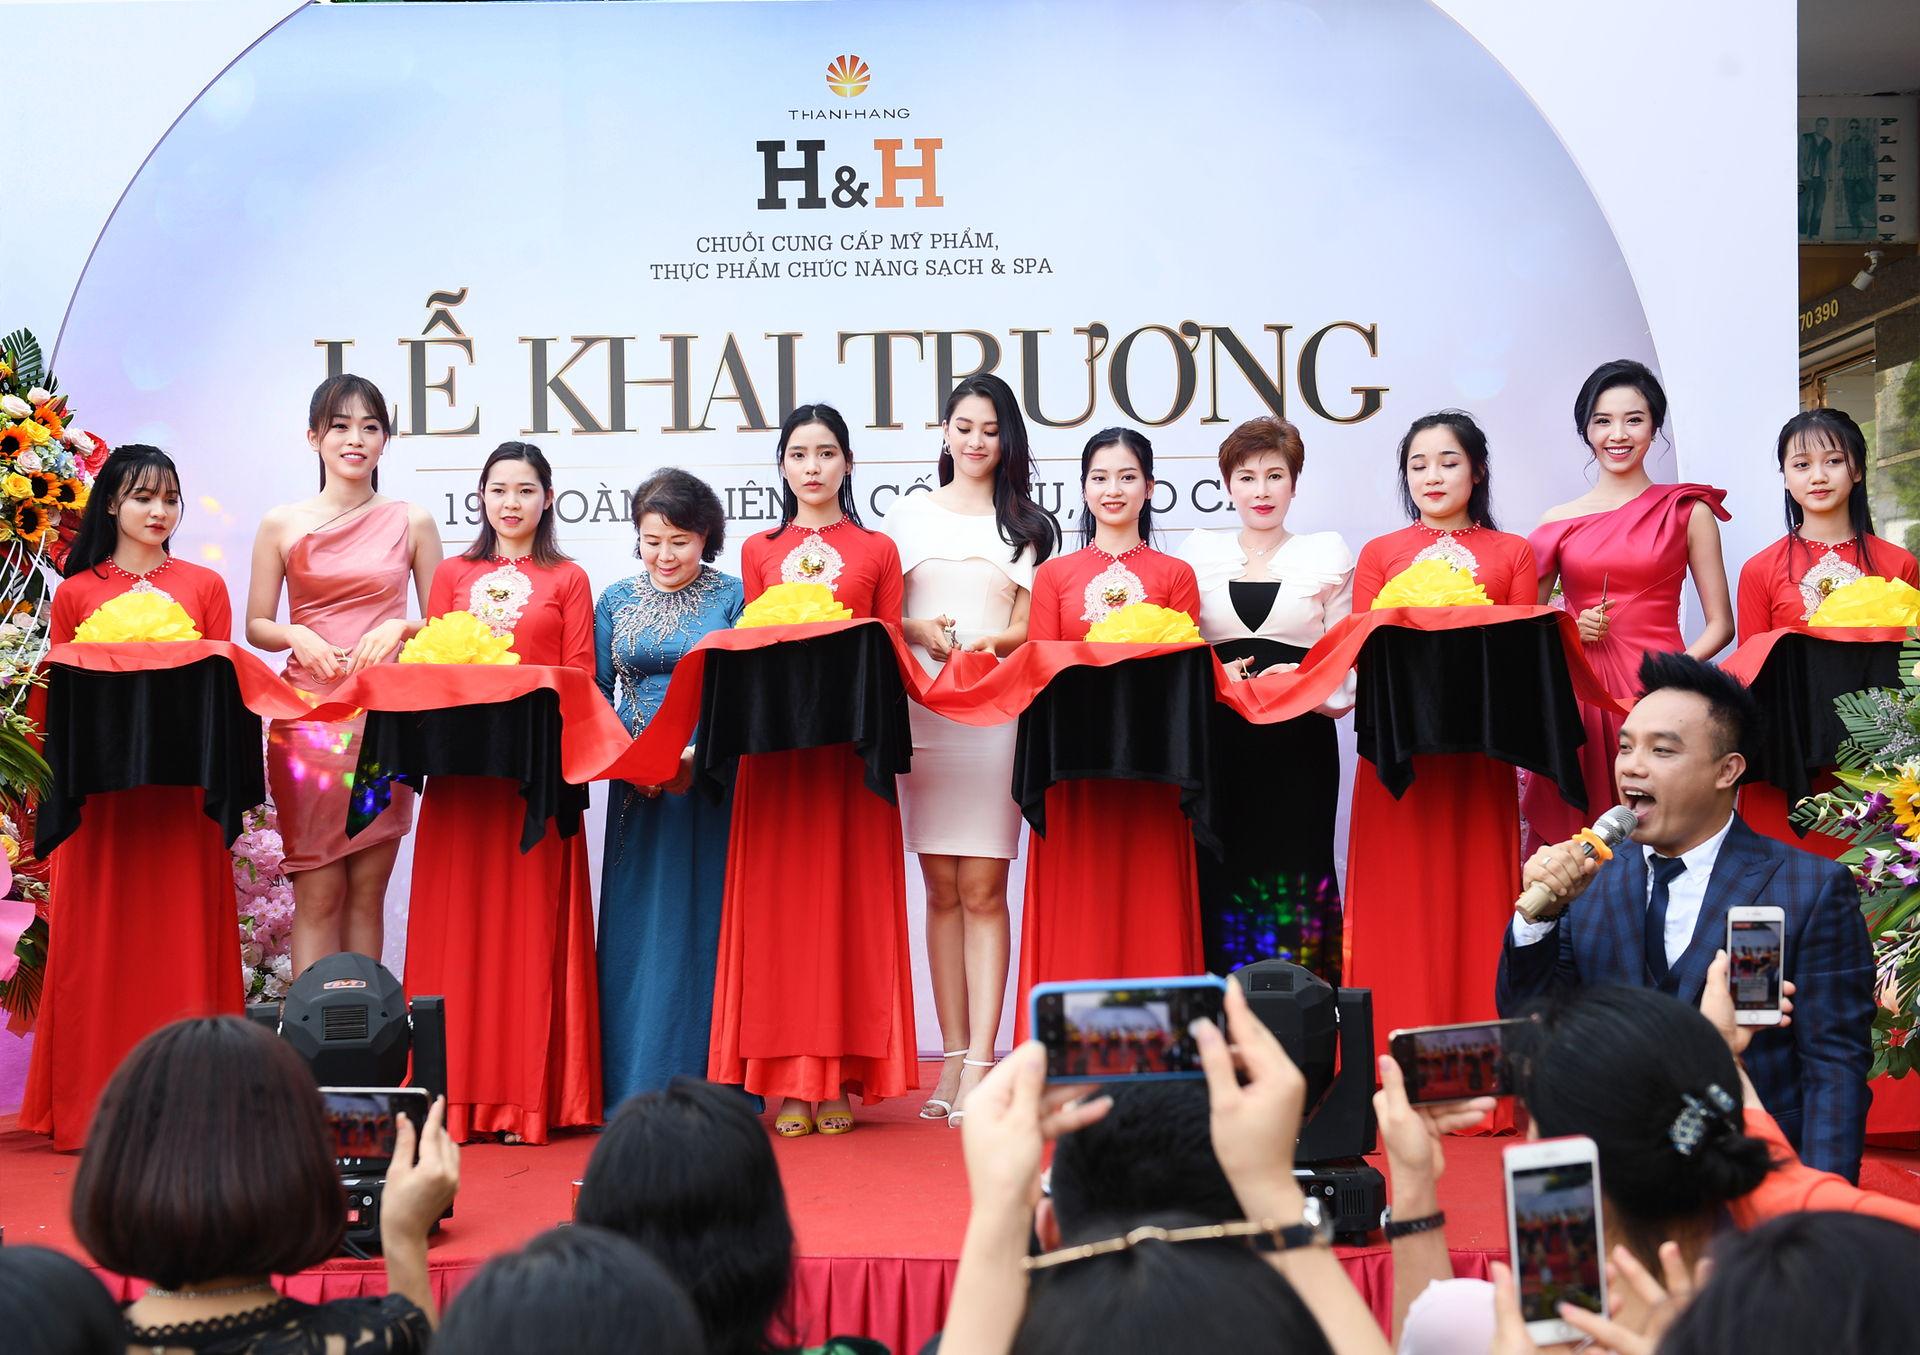 https://www.hnhmedi.com/Tưng bừng khai trương trung tâm thứ 7, H&H Lào Cai đón hơn 3,000 lượt khách chỉ trong ngày đầu khai trương.